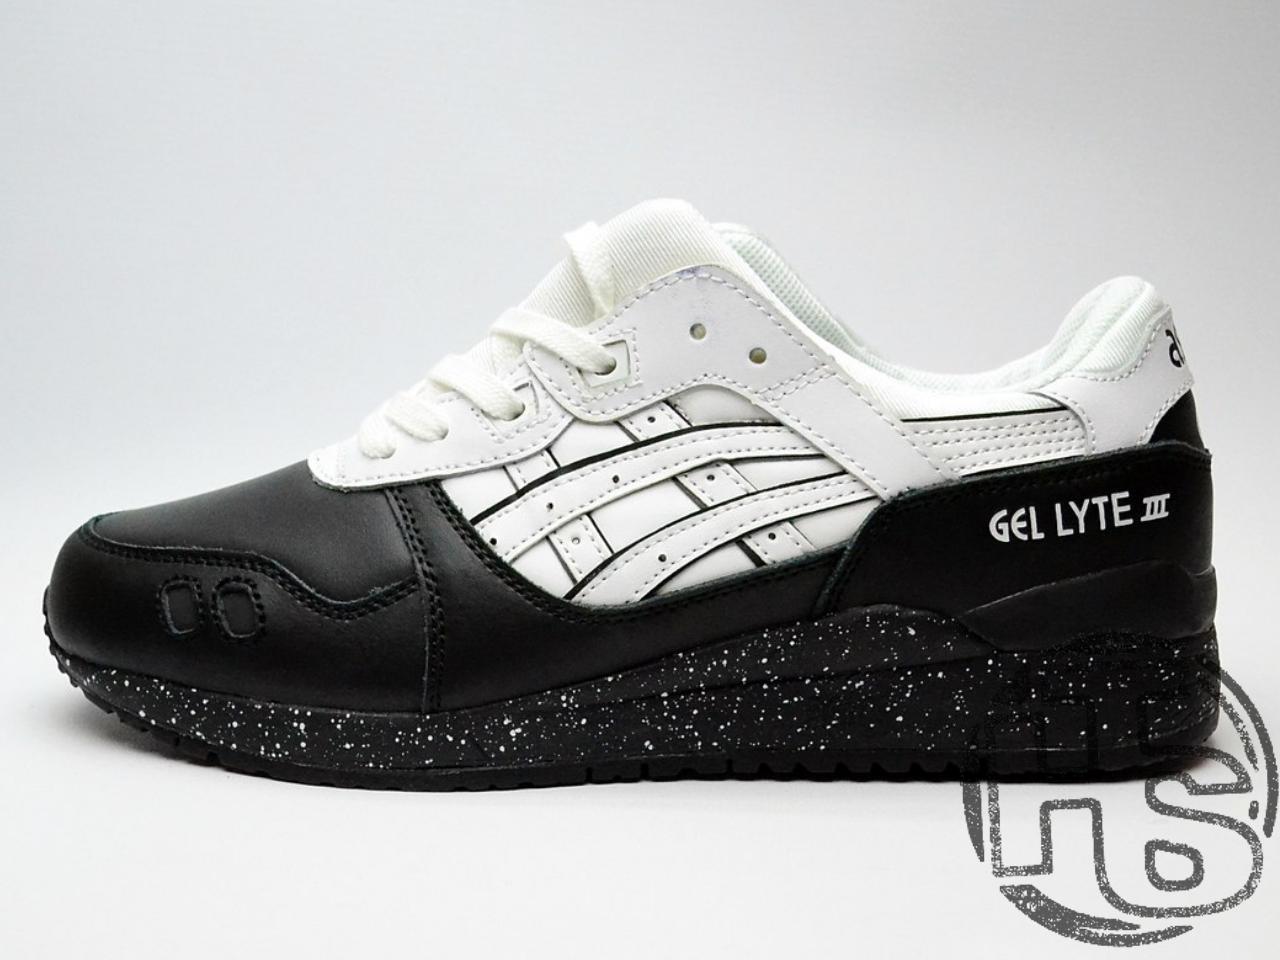 huge discount 2fe56 d8883 Мужские кроссовки Asics Gel Lyte III Oreo Pack White/Black H6T1L-0101 -  Bigl.ua